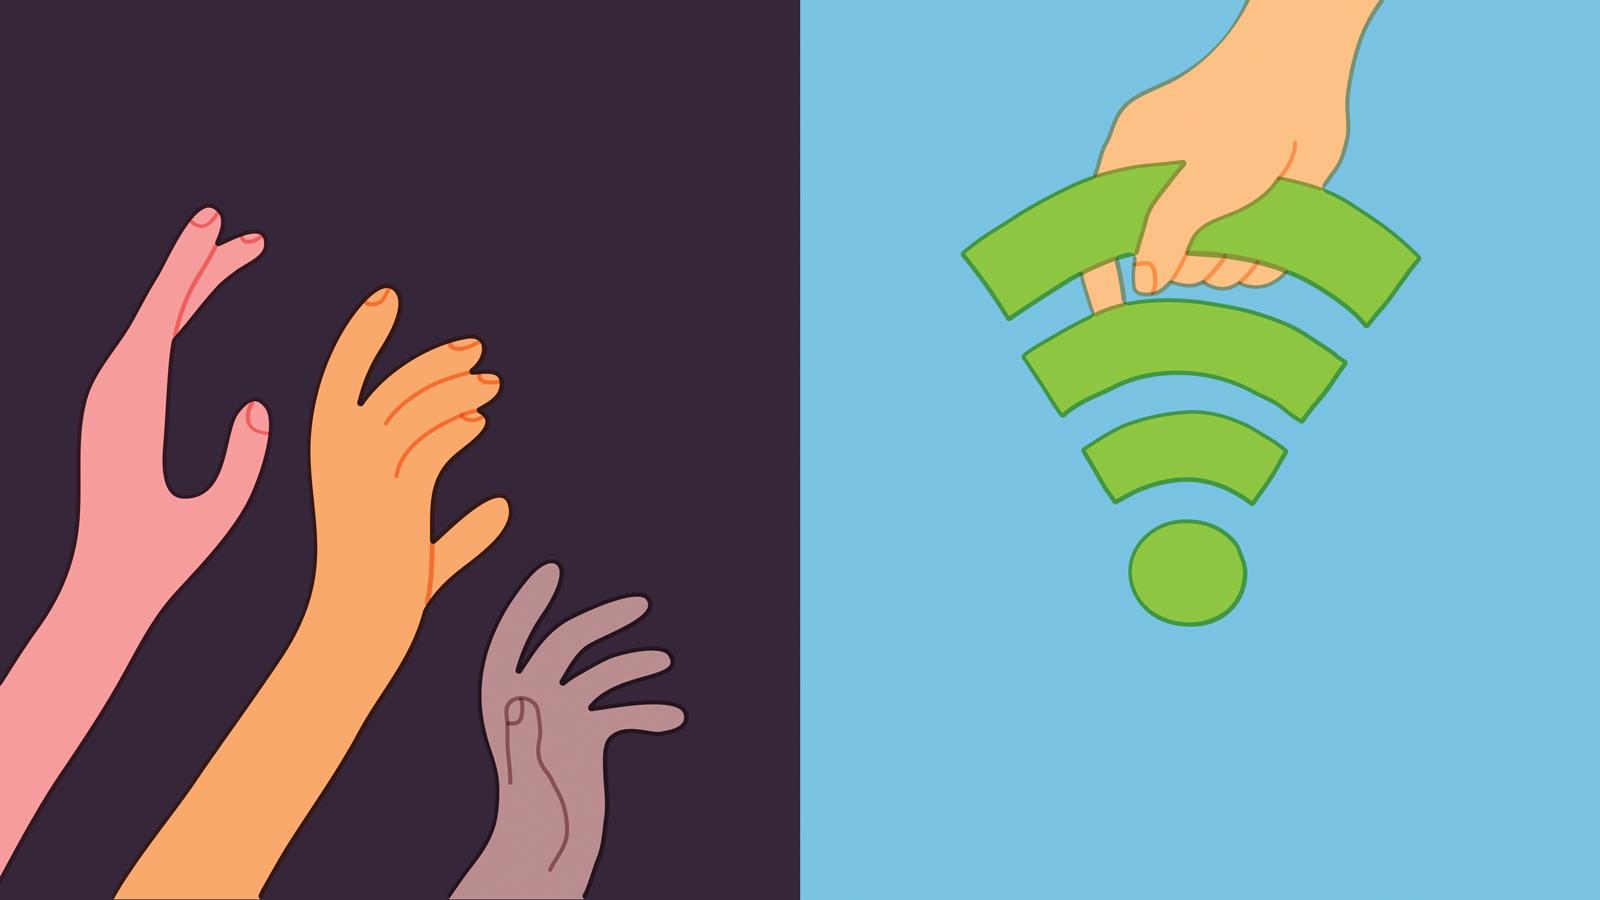 デジタル経済から取り残される3400万人の米国民